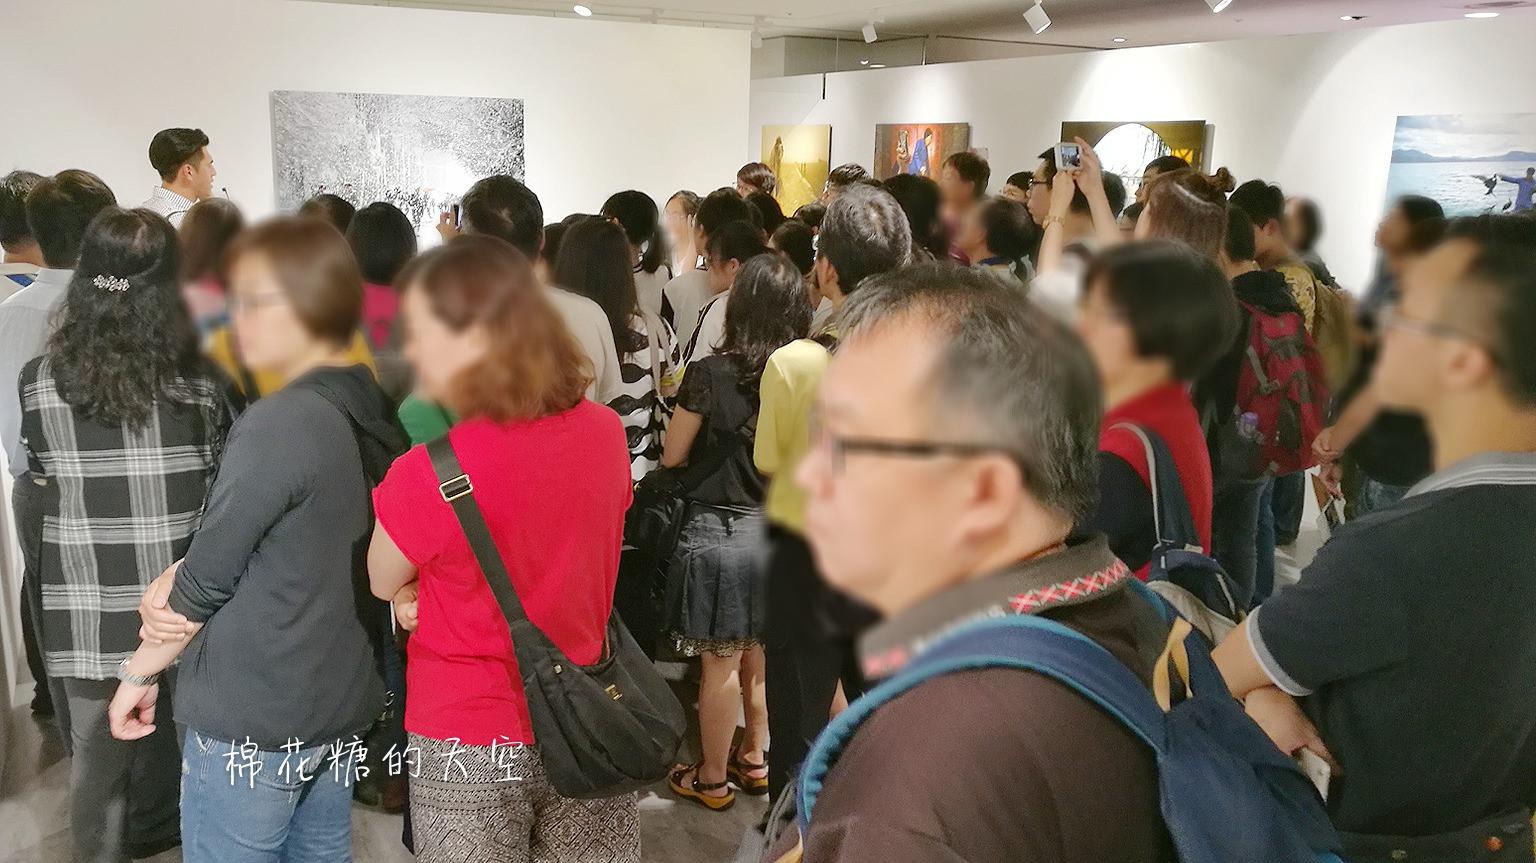 國家地理雜誌攝影展在新光!馬可波羅東遊記重現,看看外國人眼中的媽祖繞境